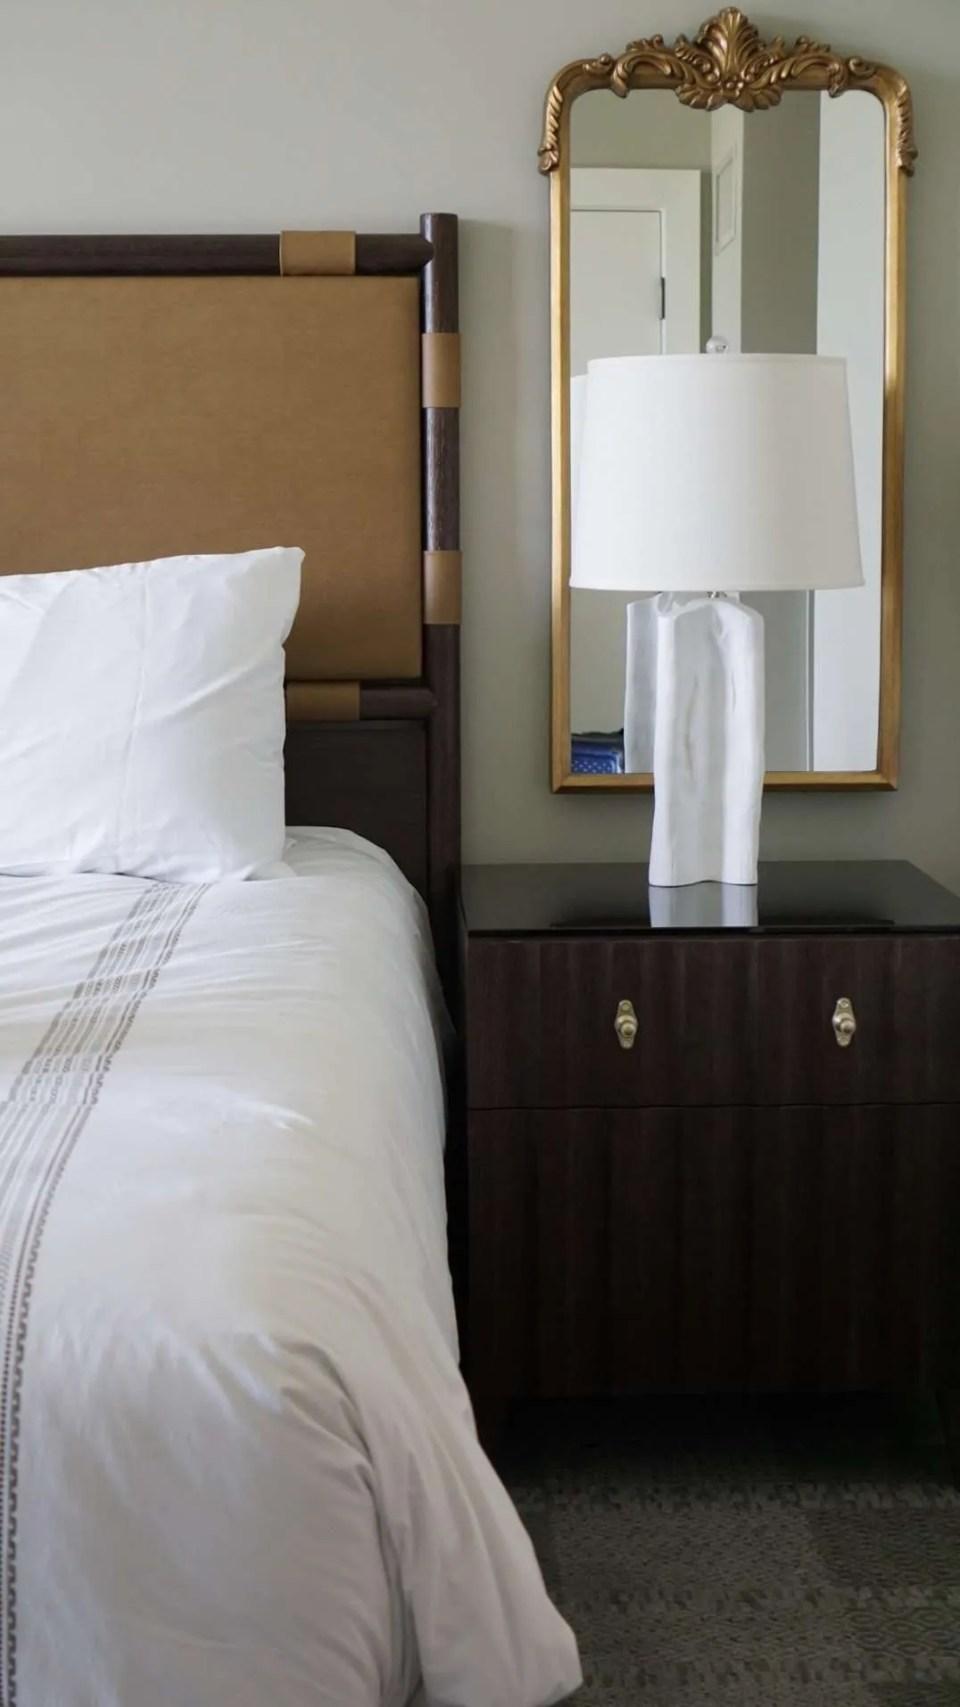 bedroom at the Omni Barton Creek Resort & Spa in Austin